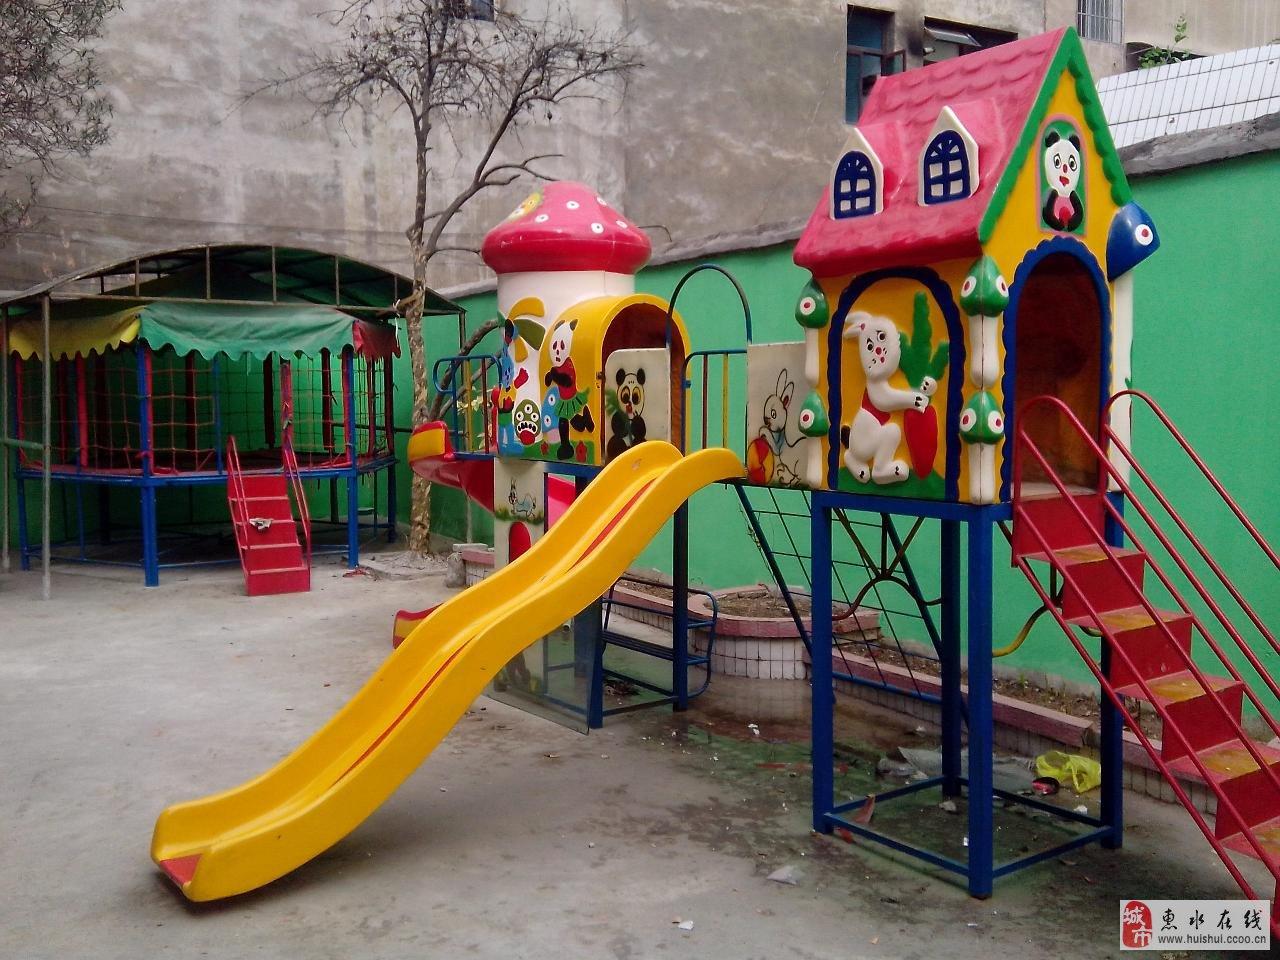 东方之星幼儿园招聘幼儿教师及保育员